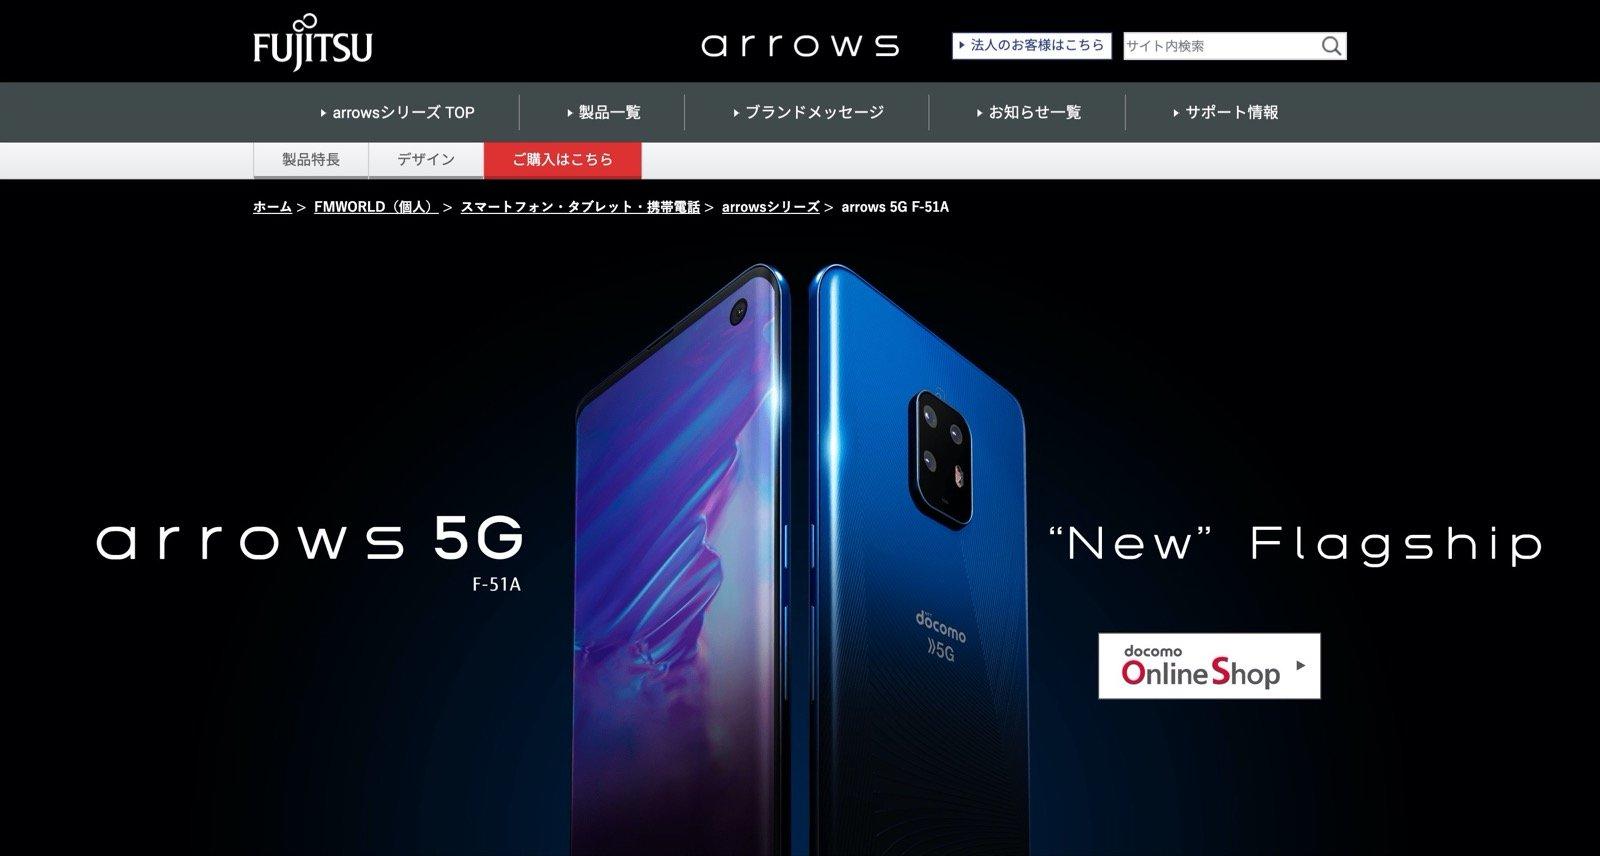 超薄型5Gスマホ「arrows 5G」が公開される。ドコモから夏発売へ